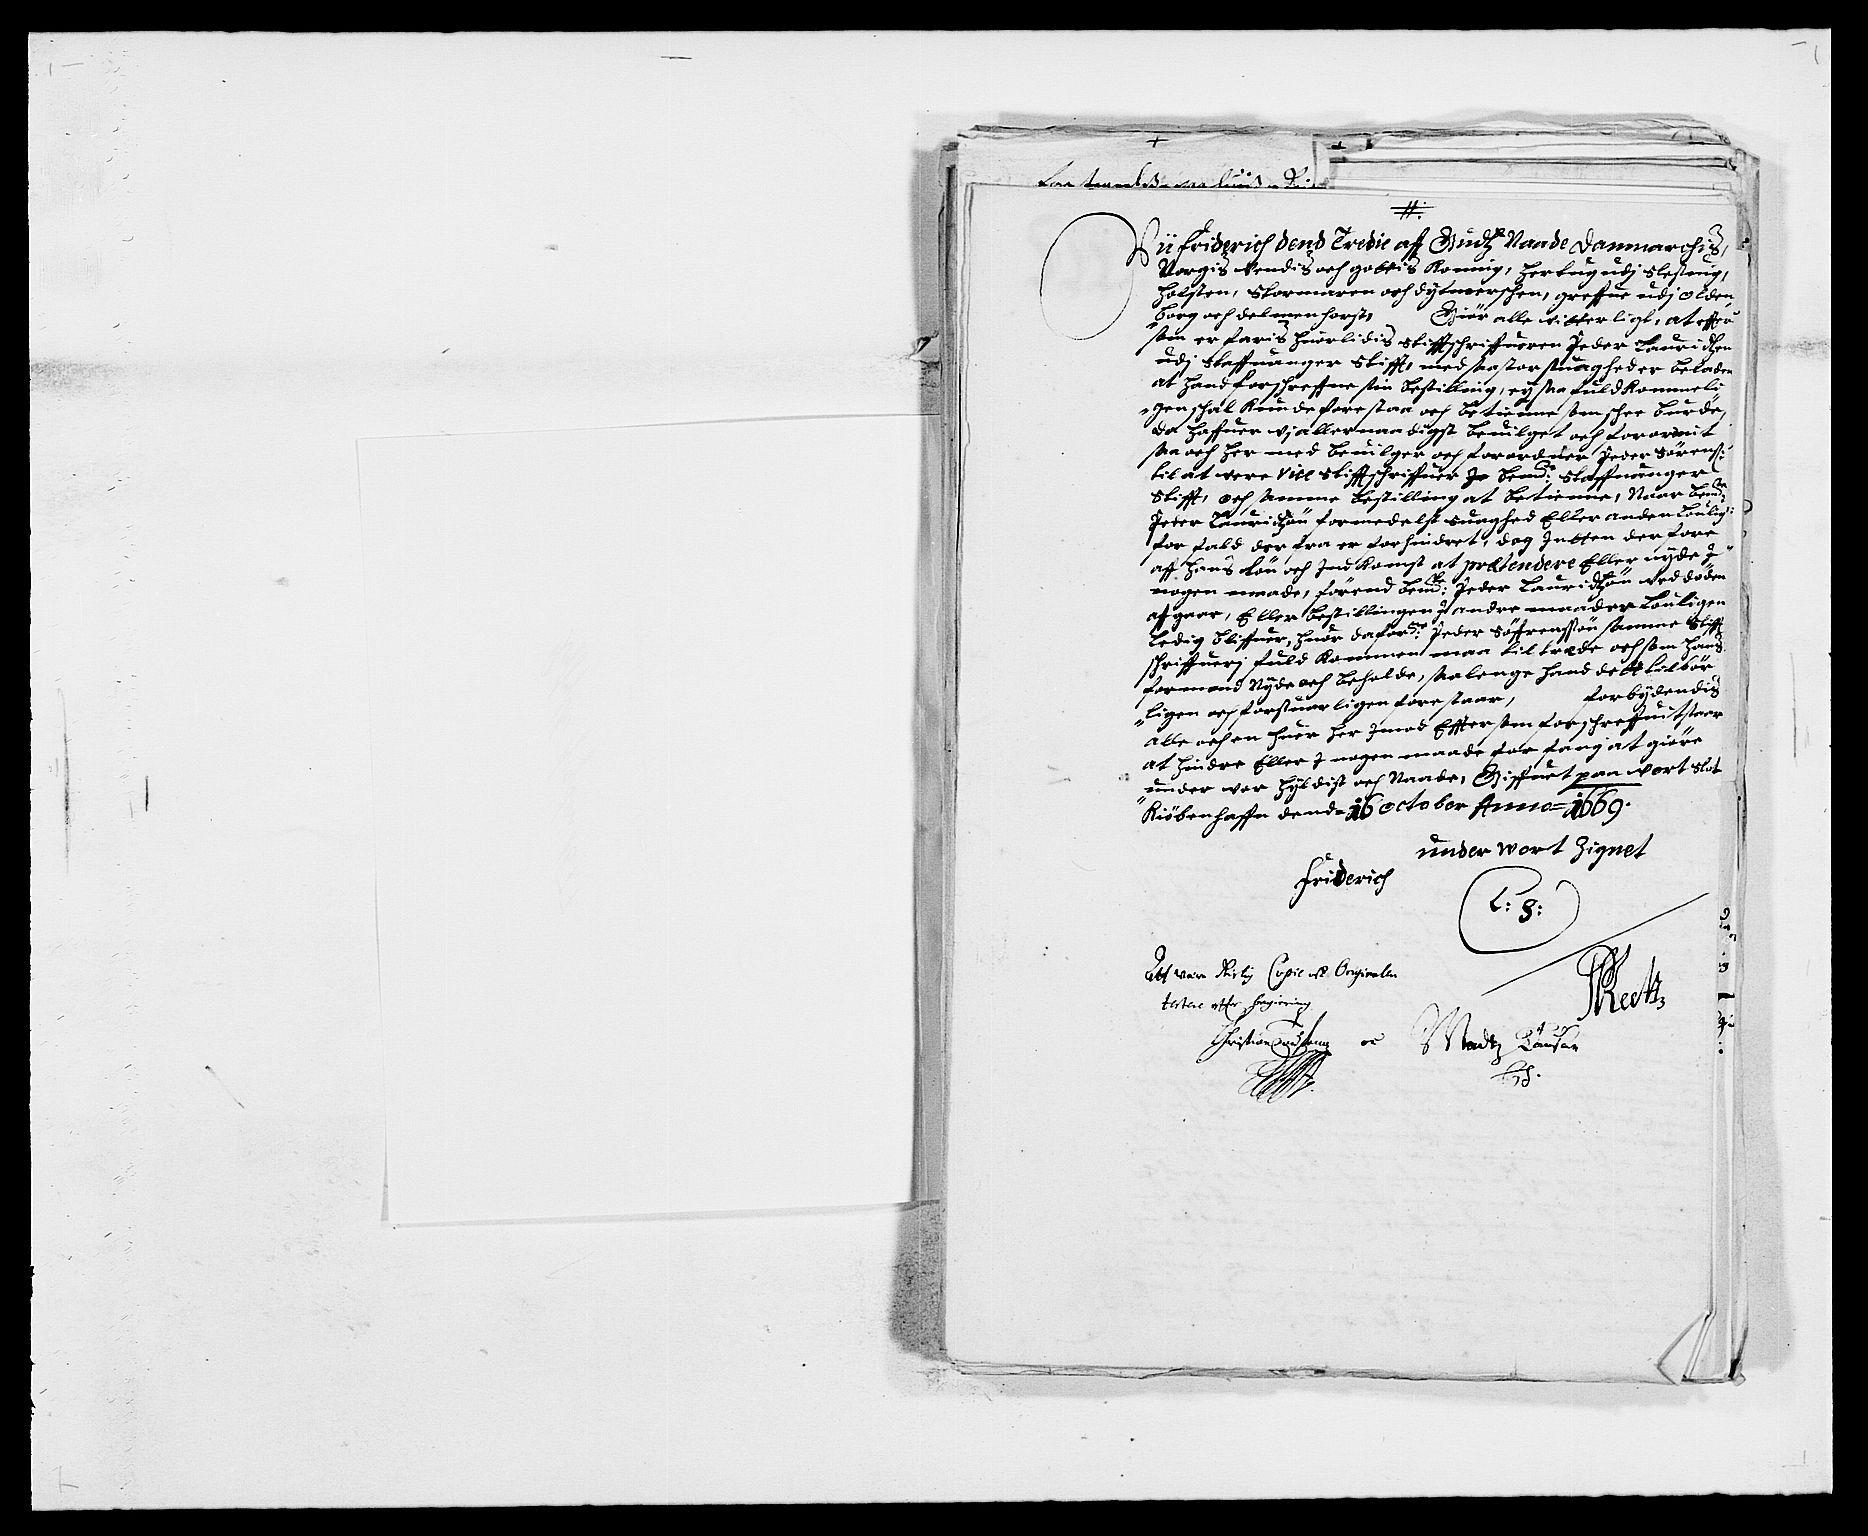 RA, Rentekammeret inntil 1814, Reviderte regnskaper, Fogderegnskap, R47/L2848: Fogderegnskap Ryfylke, 1678, s. 2